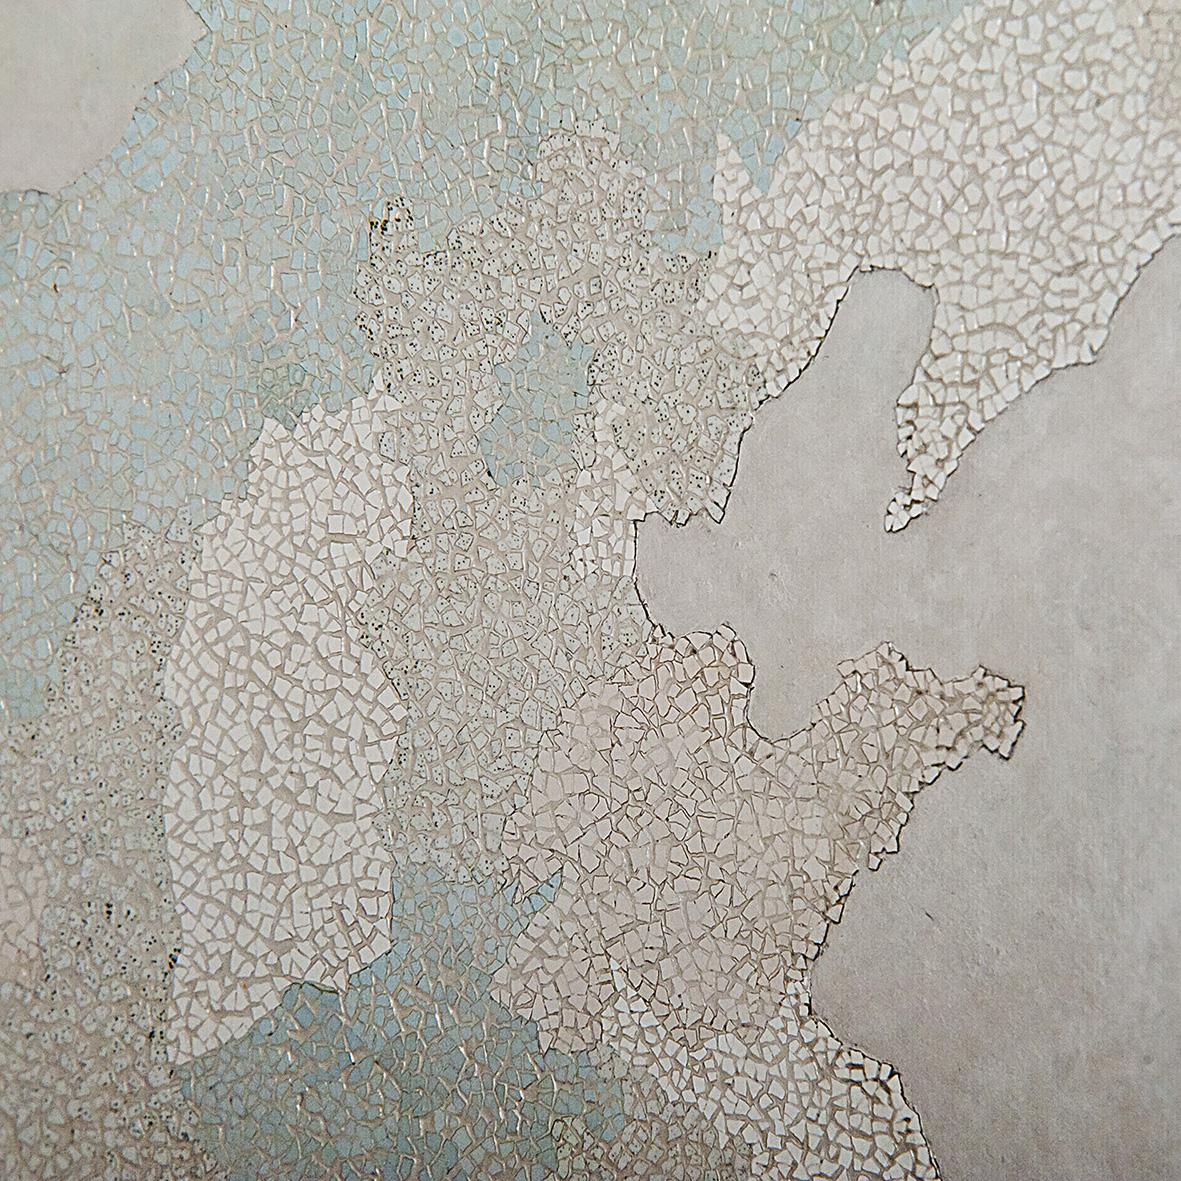 Provinces de Chine  - Laque avec incrustation de coquilles d'œufs, finition vernis - Dimension : 100 x 100 cm